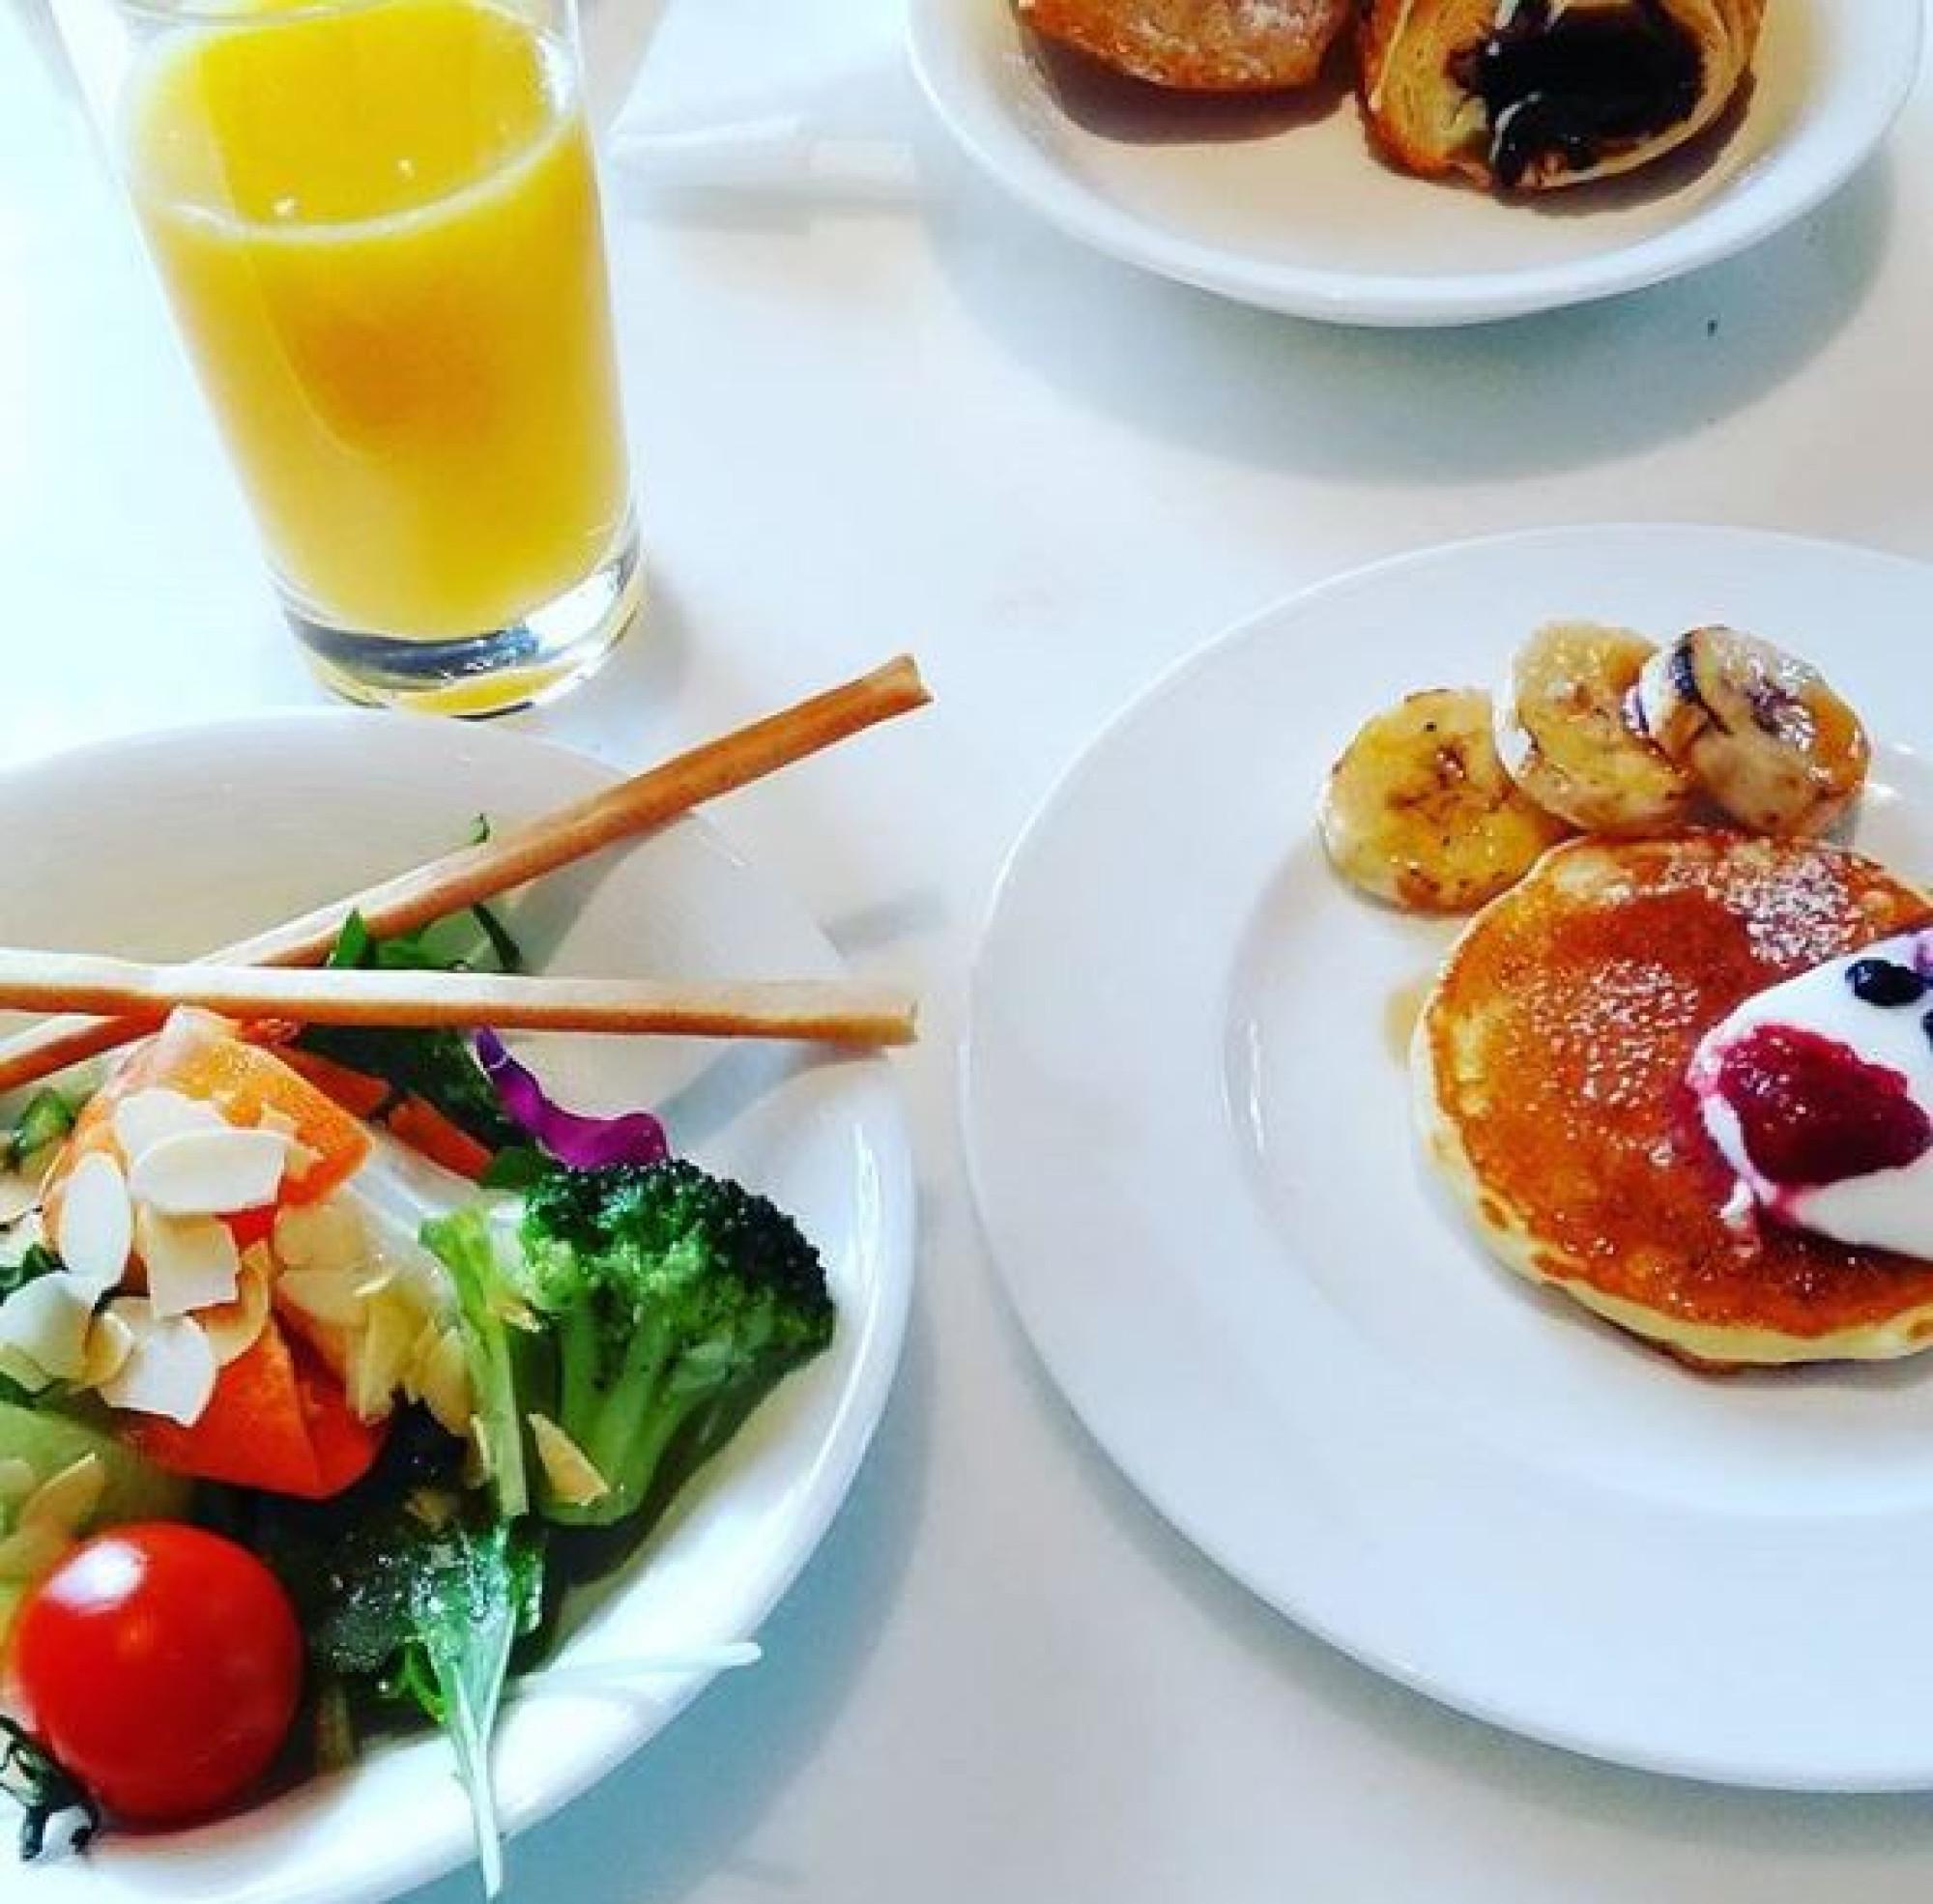 オチェーアノの朝食メニューは何がある?